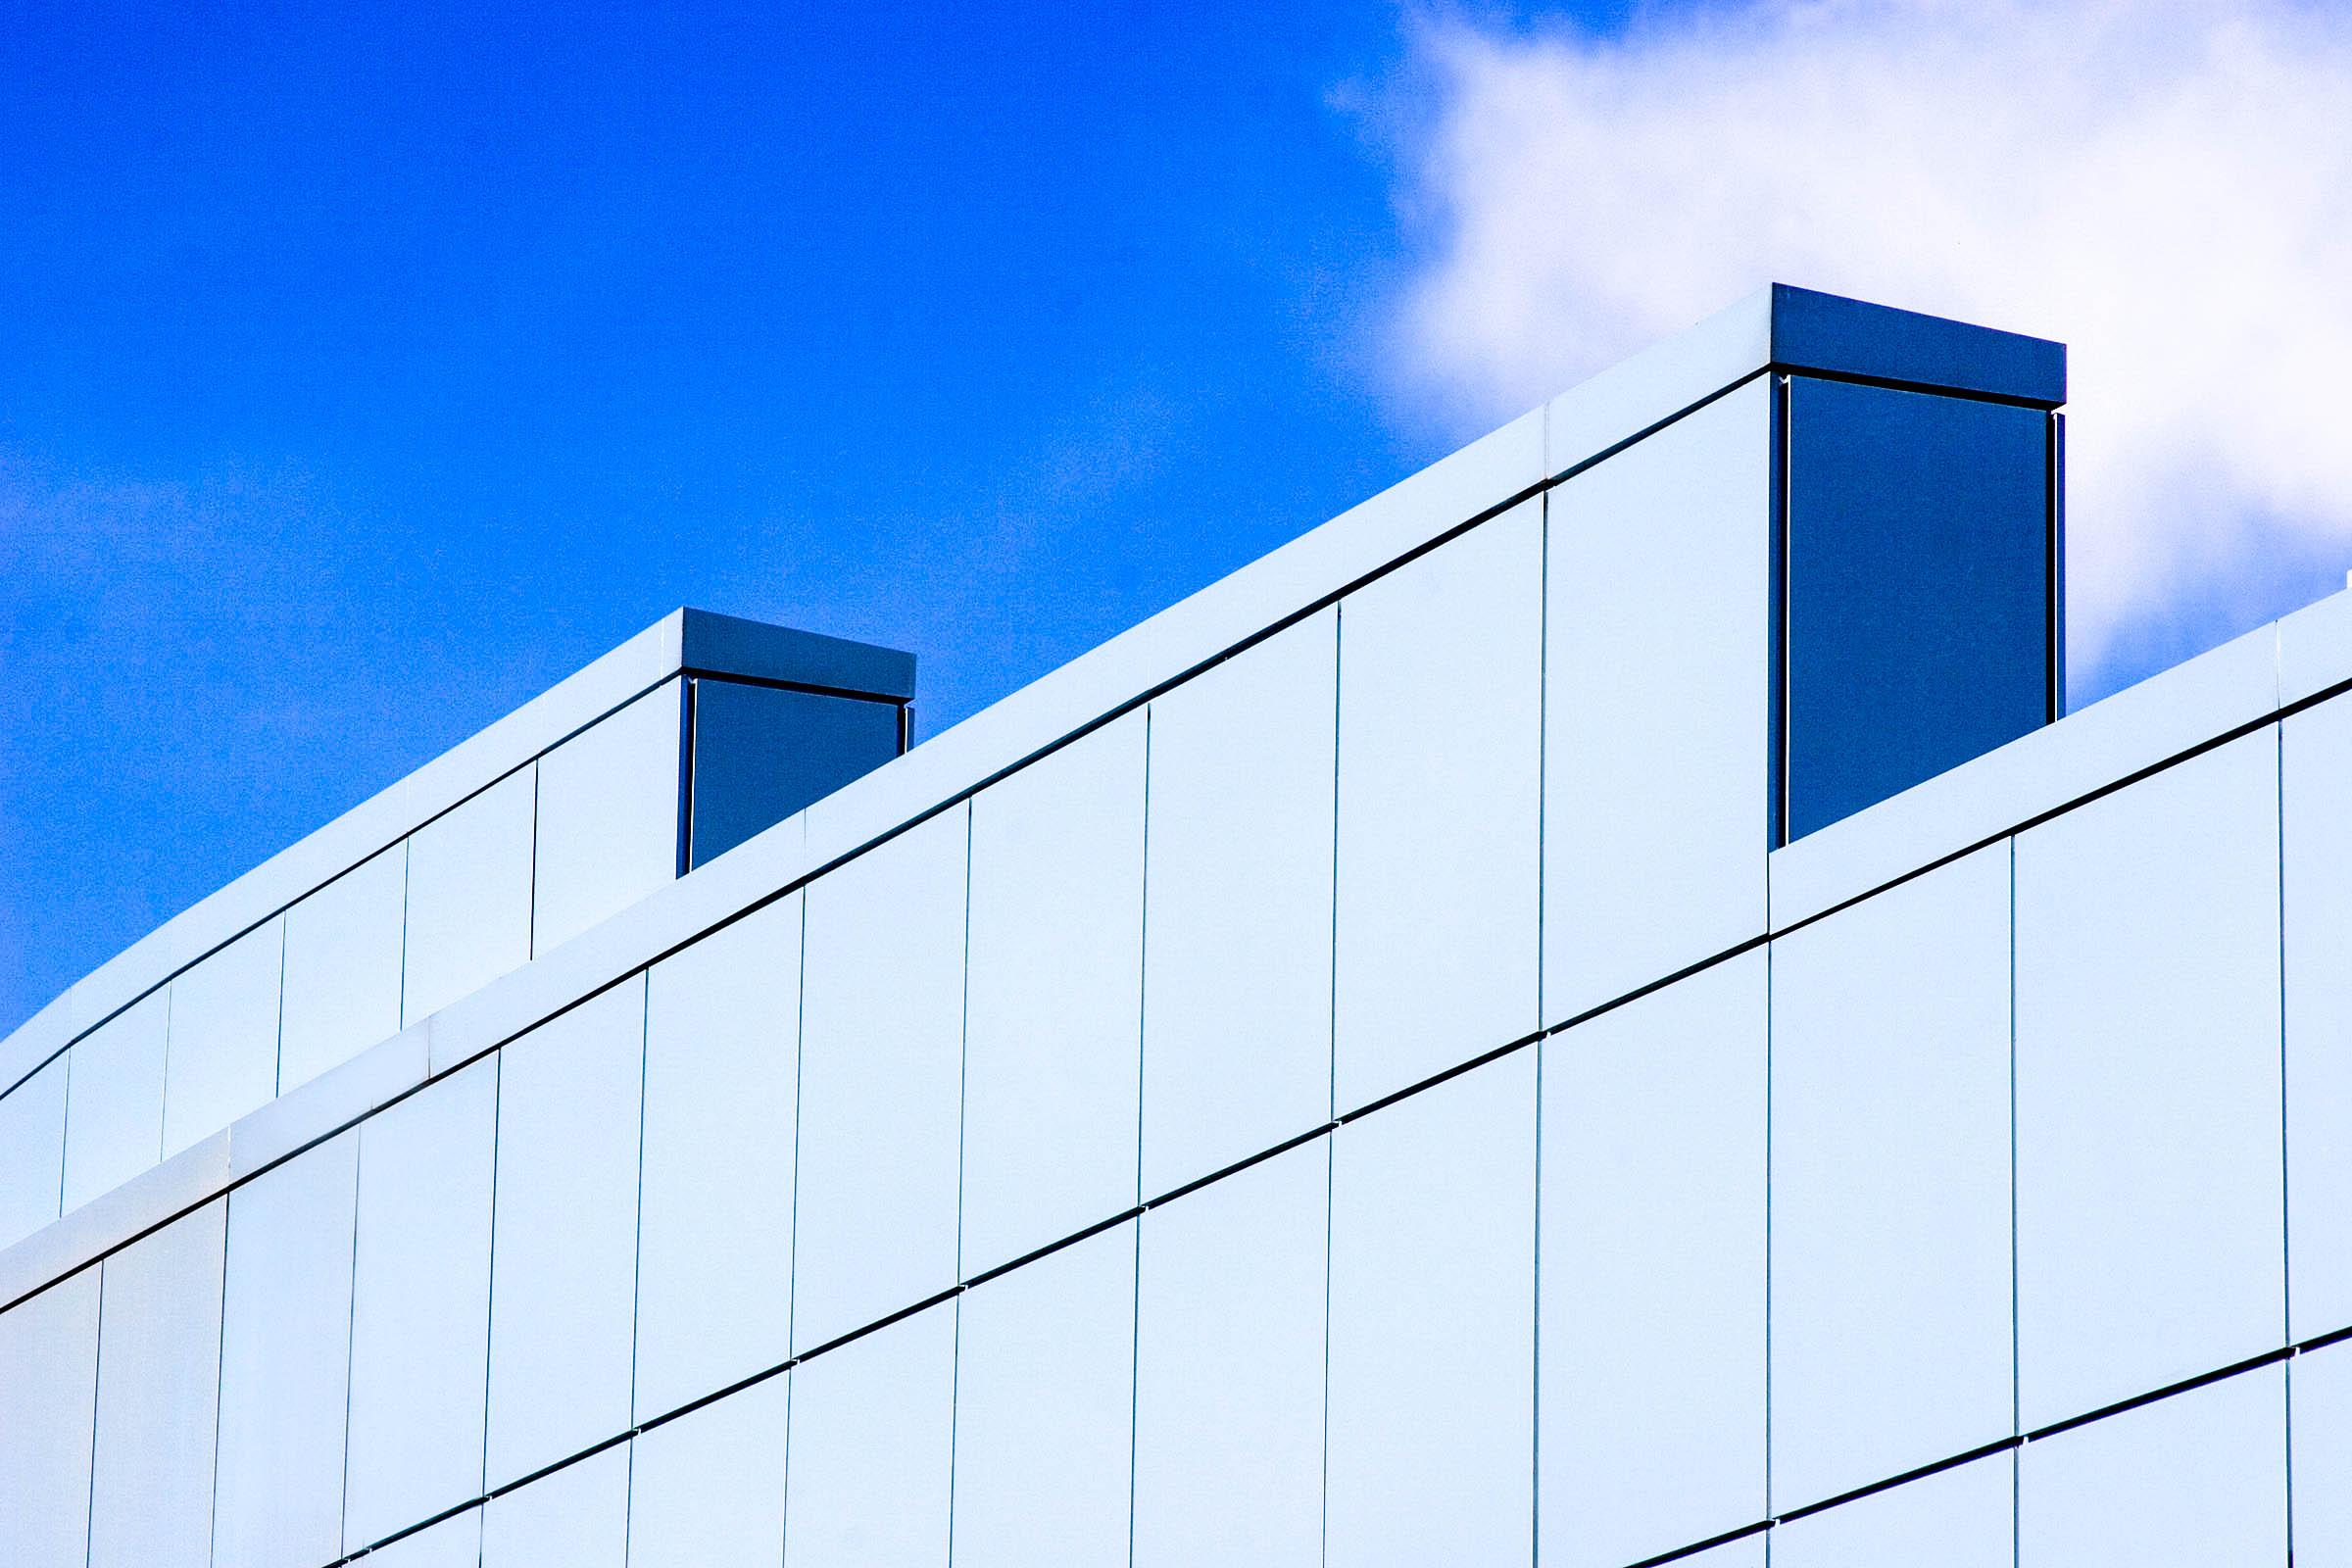 Bonnybrook WWTP Lab Expansion